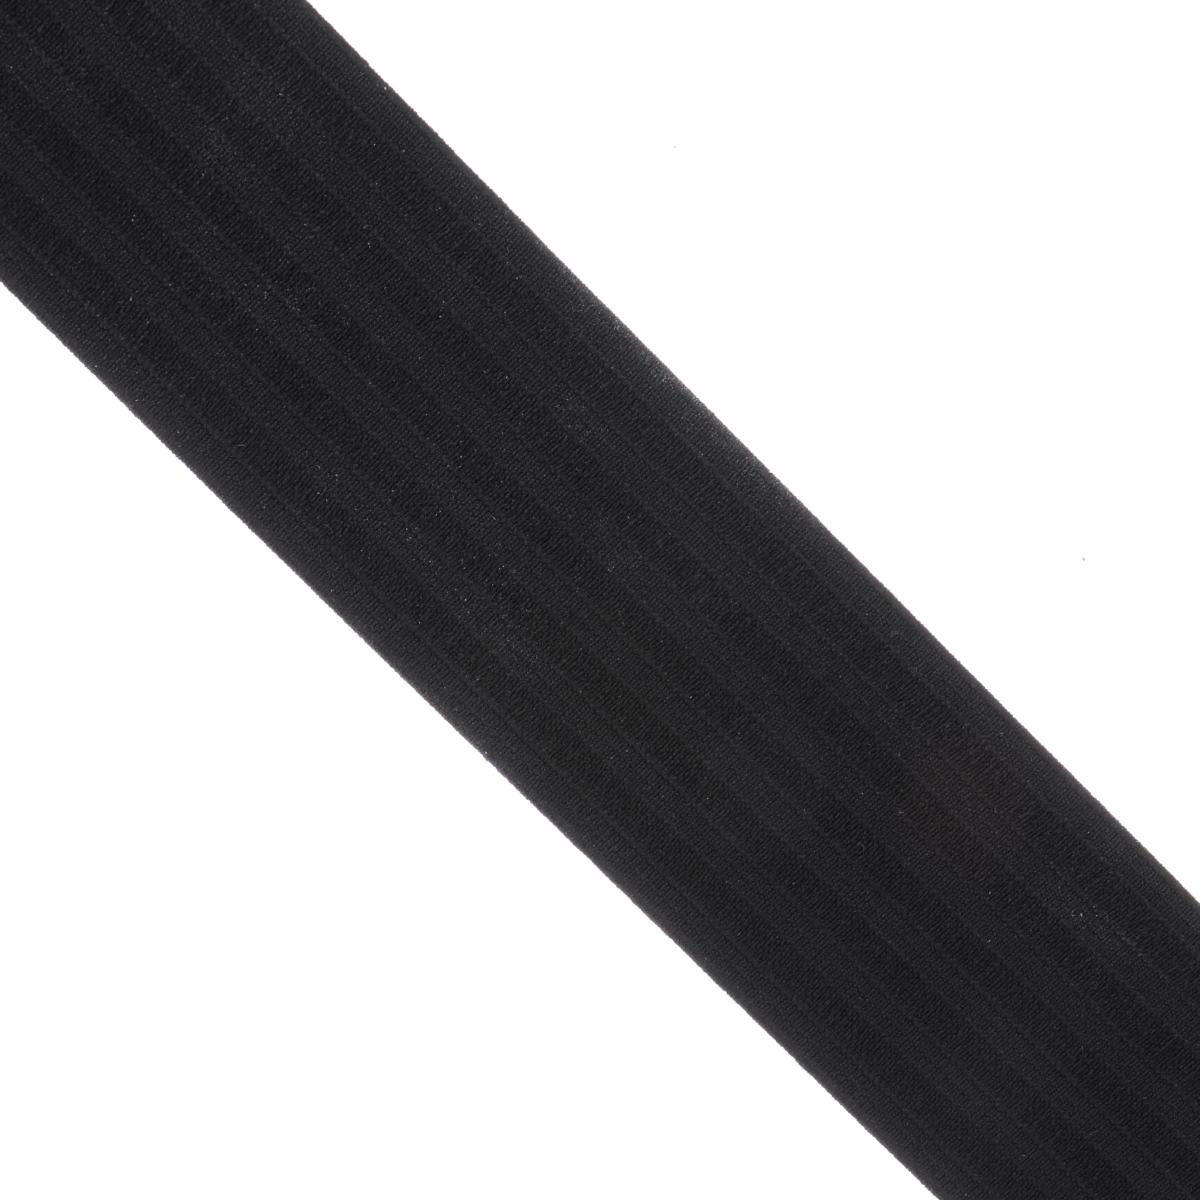 Лента эластичная Prym, для уплотнения шва, цвет: черный, ширина 2,5 см, длина 10 м693540Эластичная лента Prym предназначена для уплотнения шва. Выполнена из полиэстера (80%) и эластомера (20%). Ткань прочная, стабильная, облегчает равномерное притачивание внутренней отделки.Длина ленты: 10 м.Ширина ленты: 2,5 см.